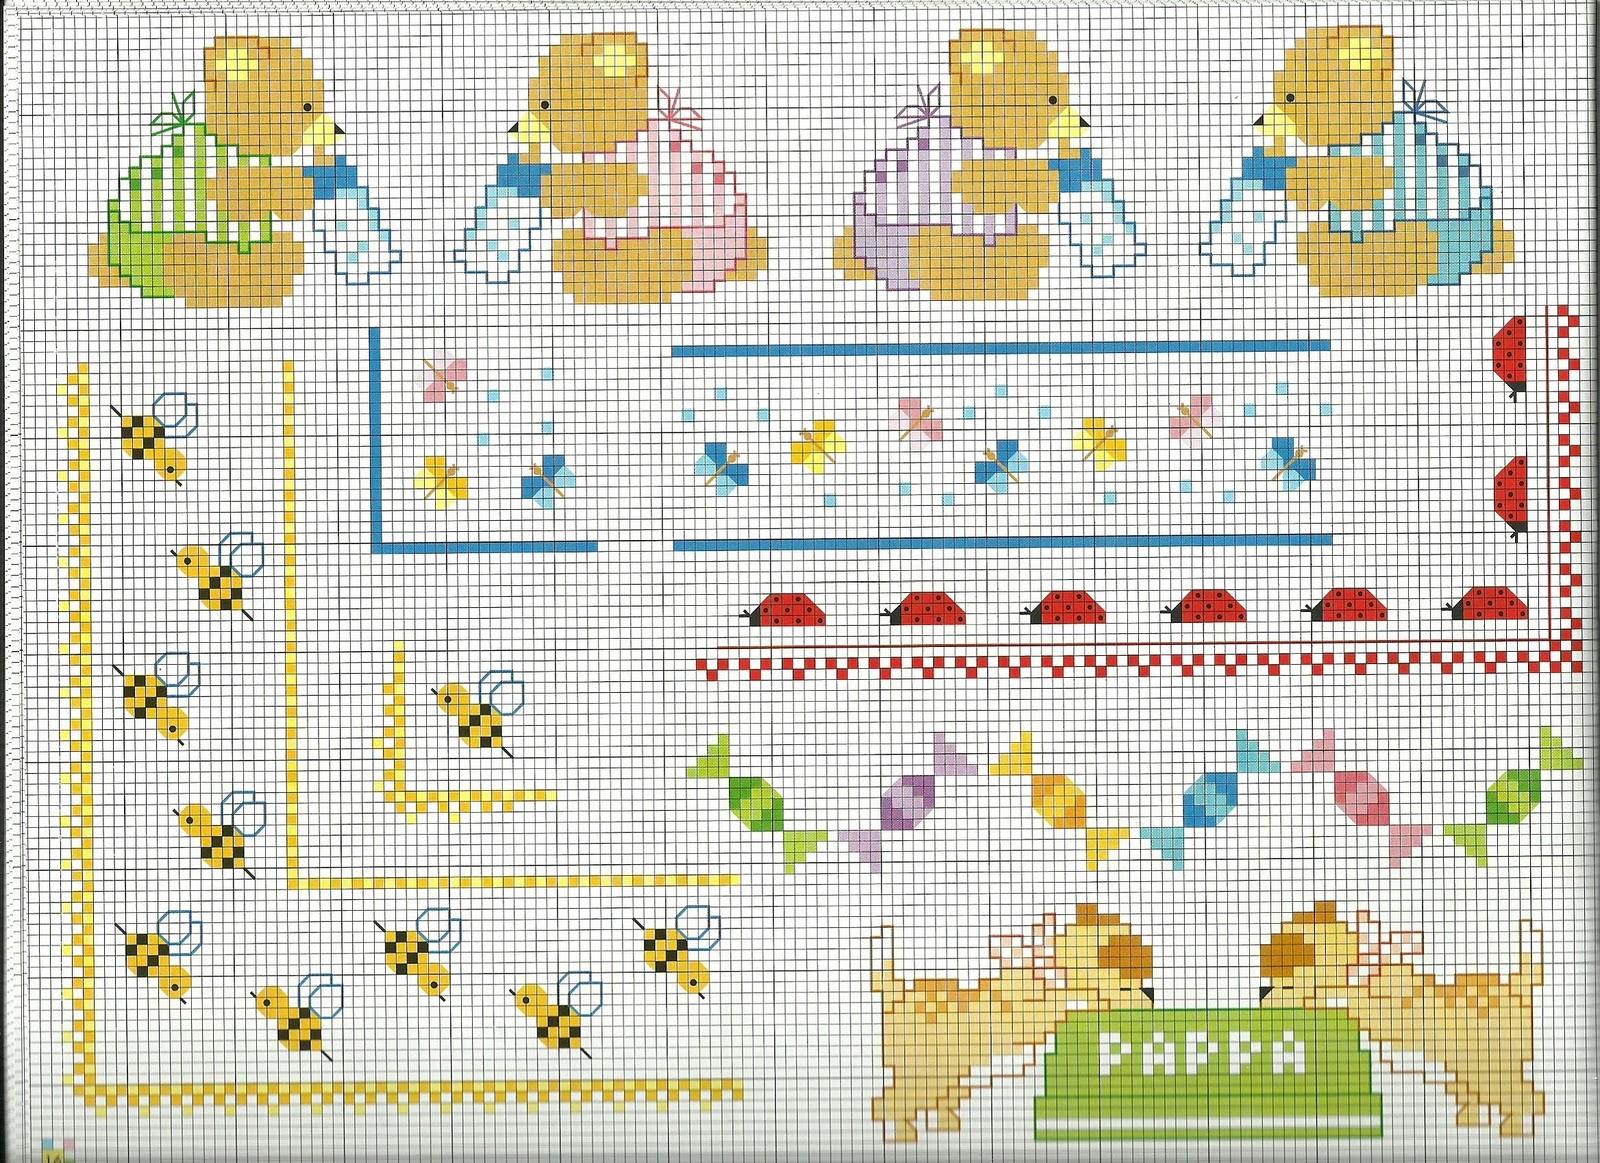 Artes de maria helena domingo 27 de novembro de 2011 for Punto croce schemi bambini